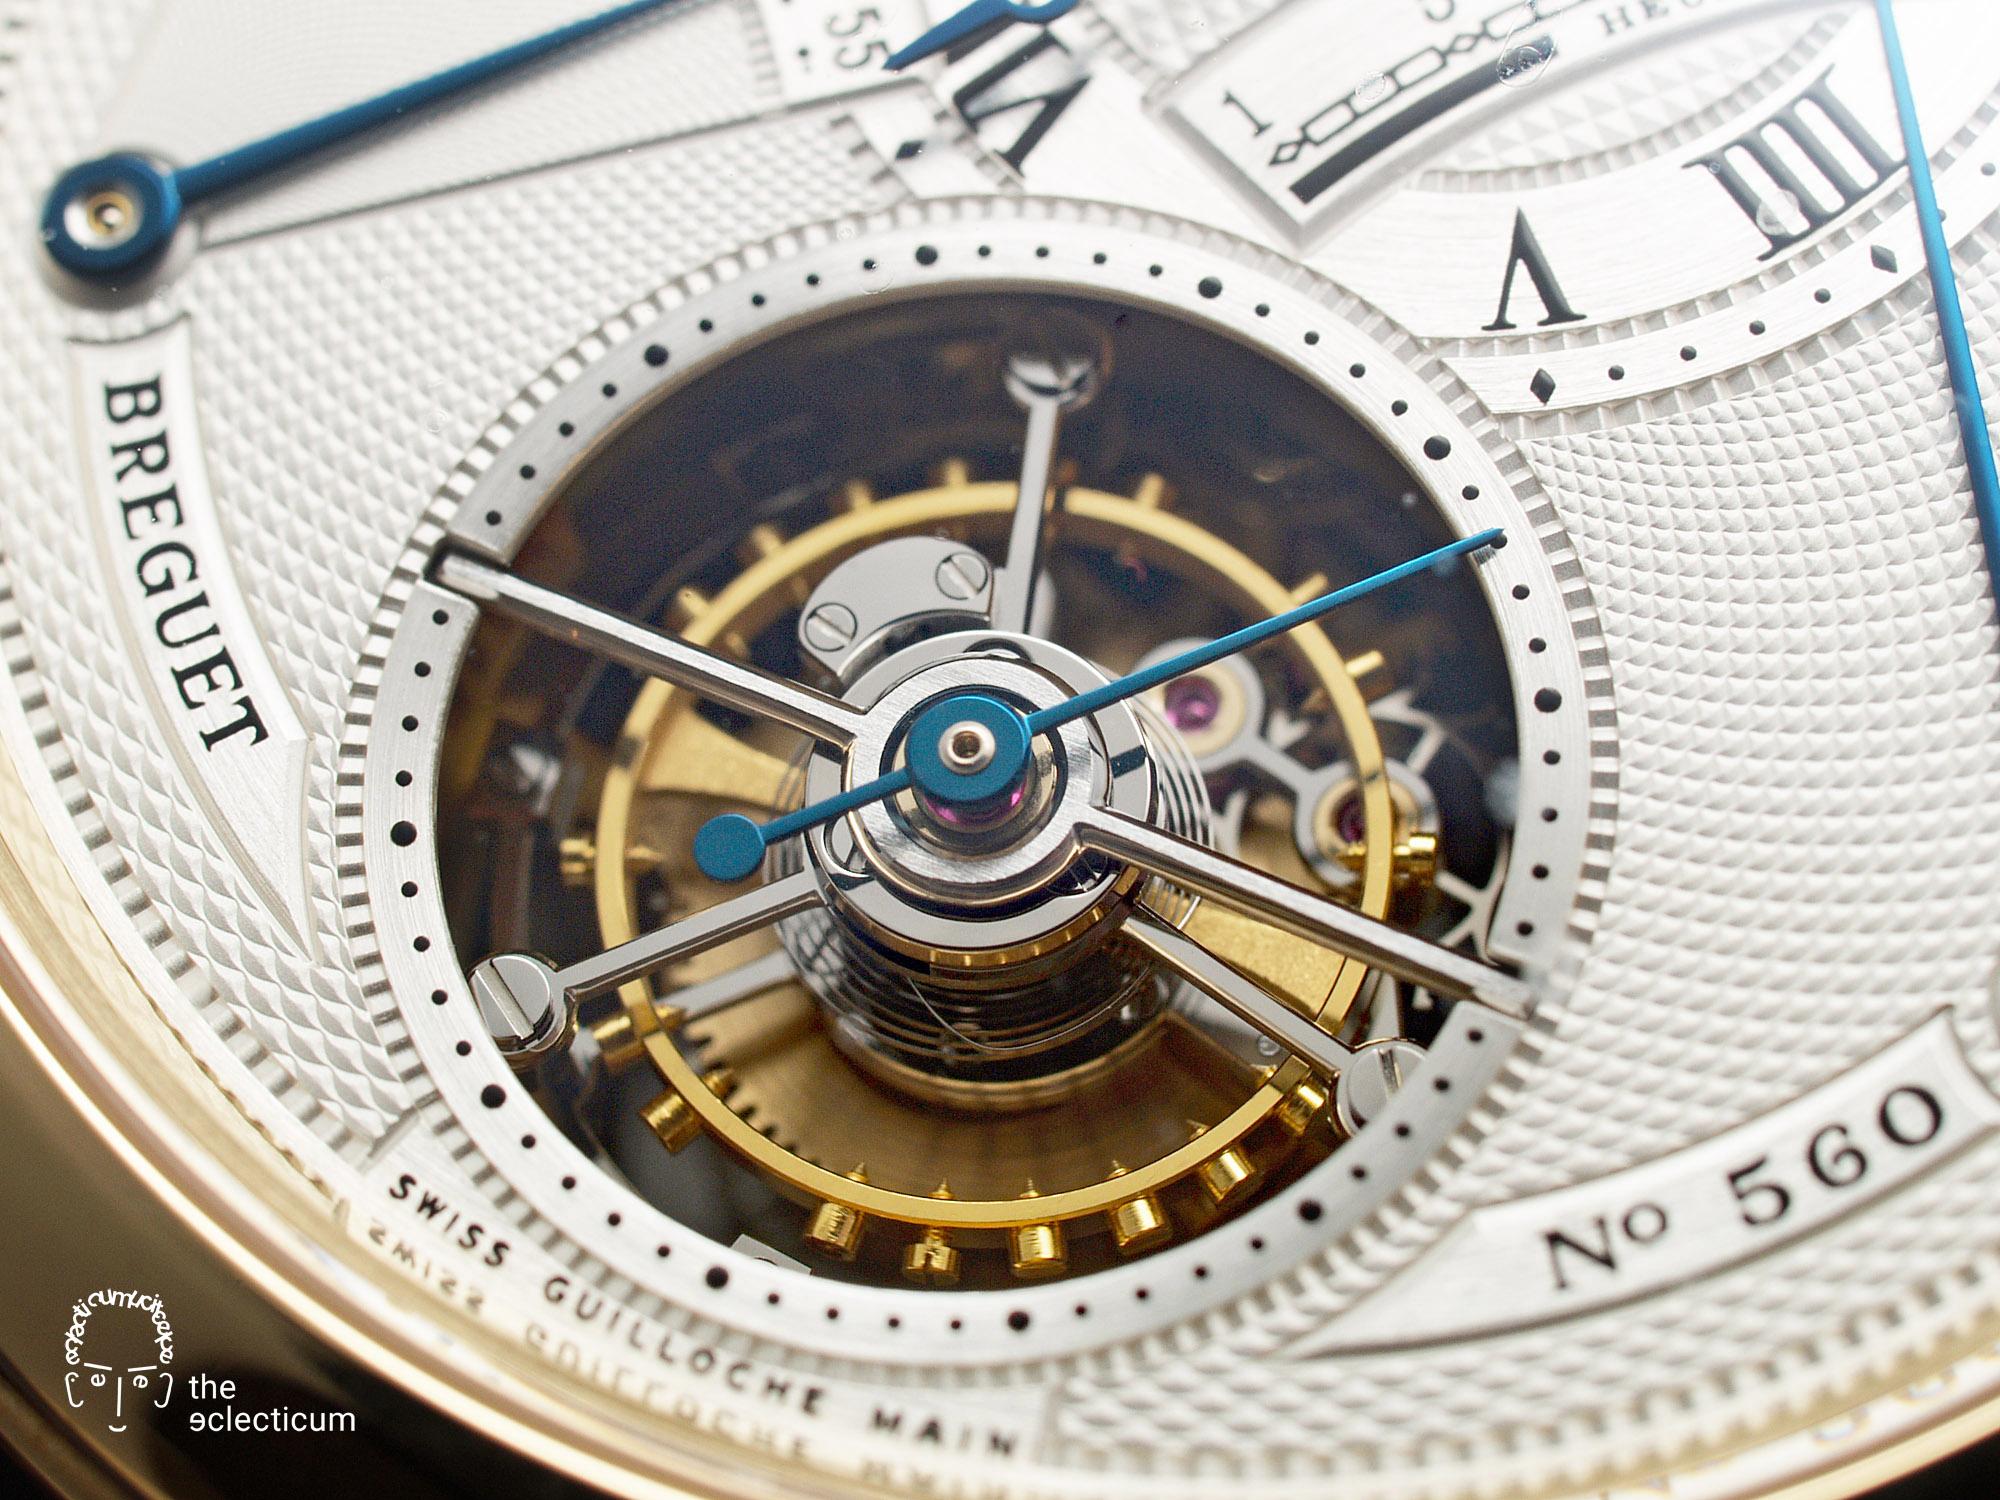 Breguet Classique Tourbillon 3657